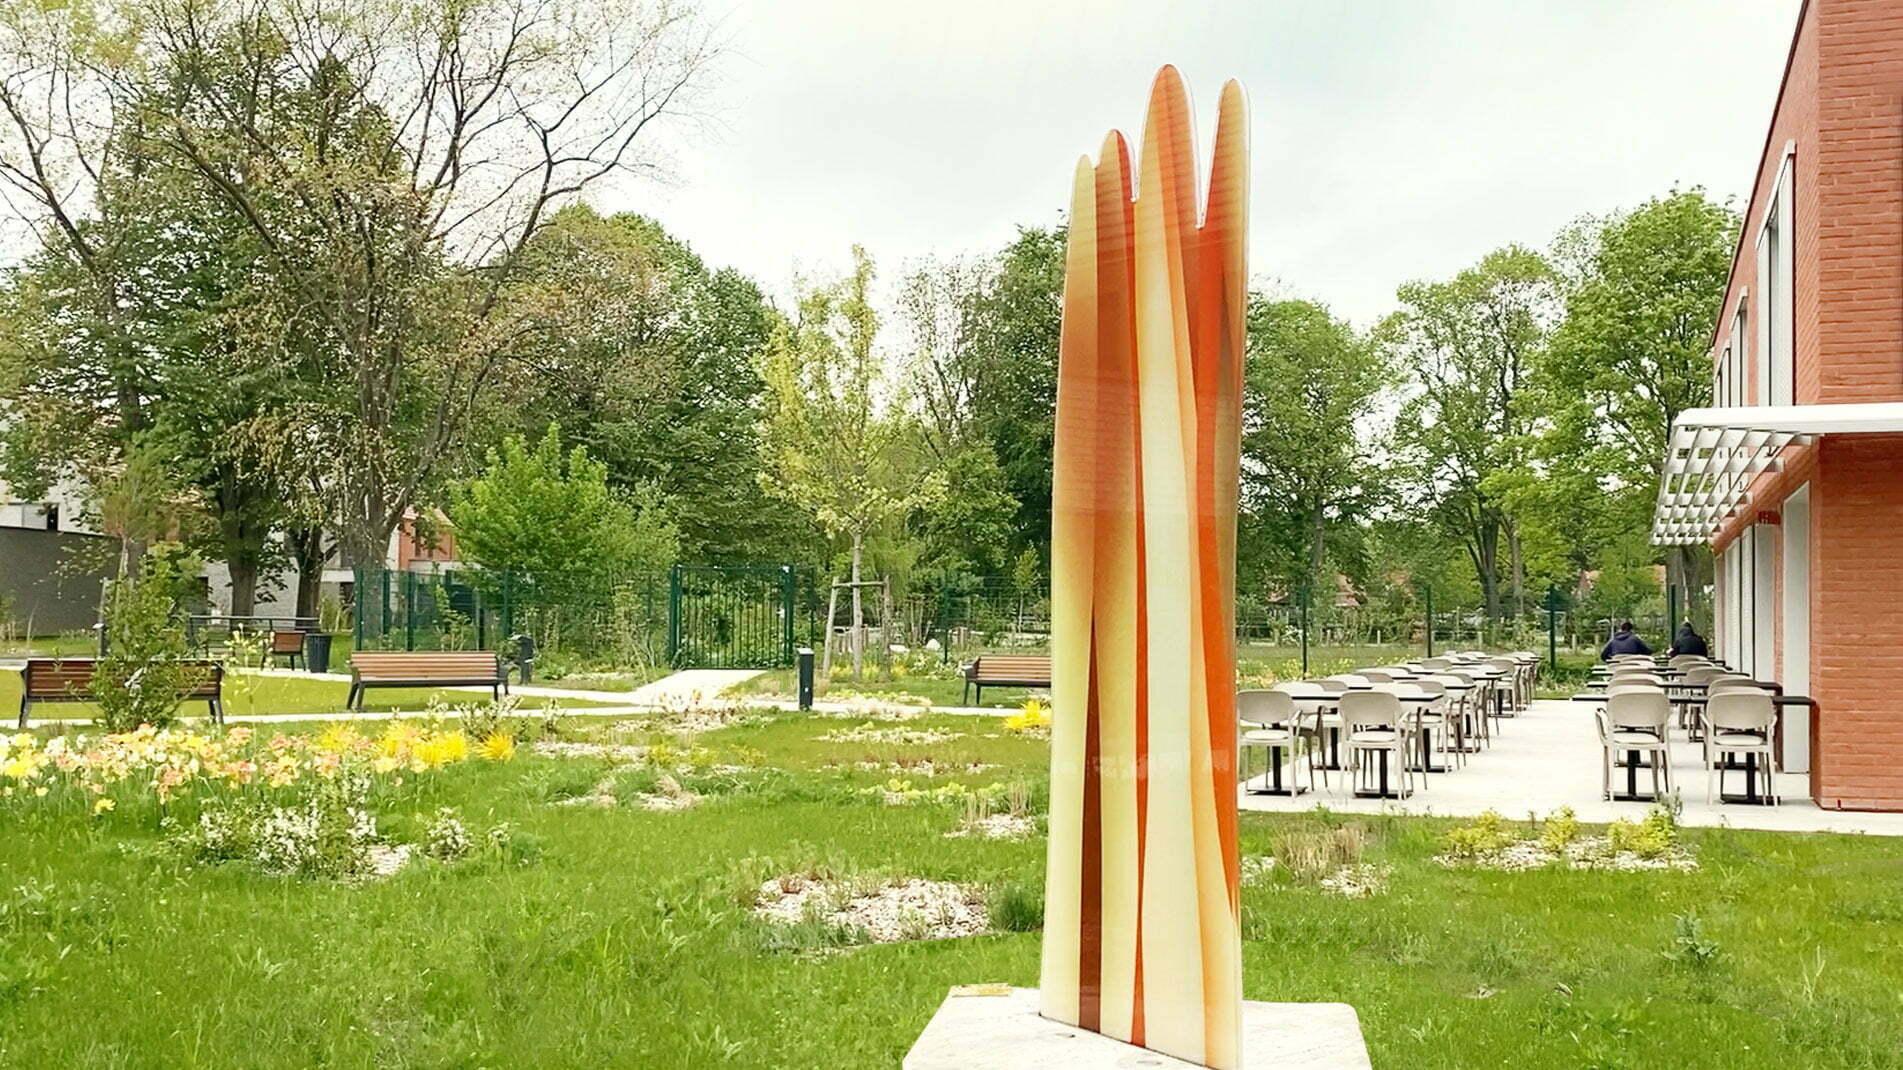 Sculpture de 3 mètres de haut réalisée par Guillaume Bottazzi à Croix en 2021. Cette oeuvre est composée d'émaux sur verre